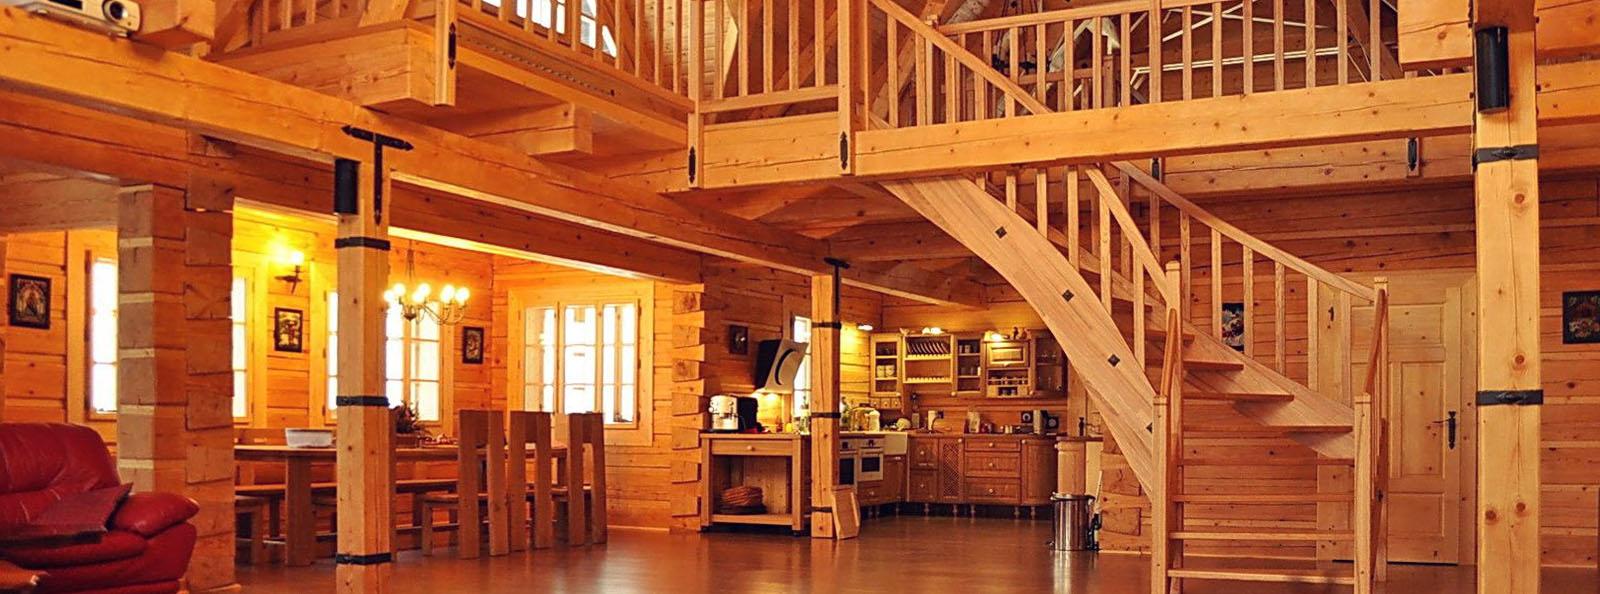 Madera bienvenido a la p gina web la madera es nuestro mundo - La mejor madera para exterior ...